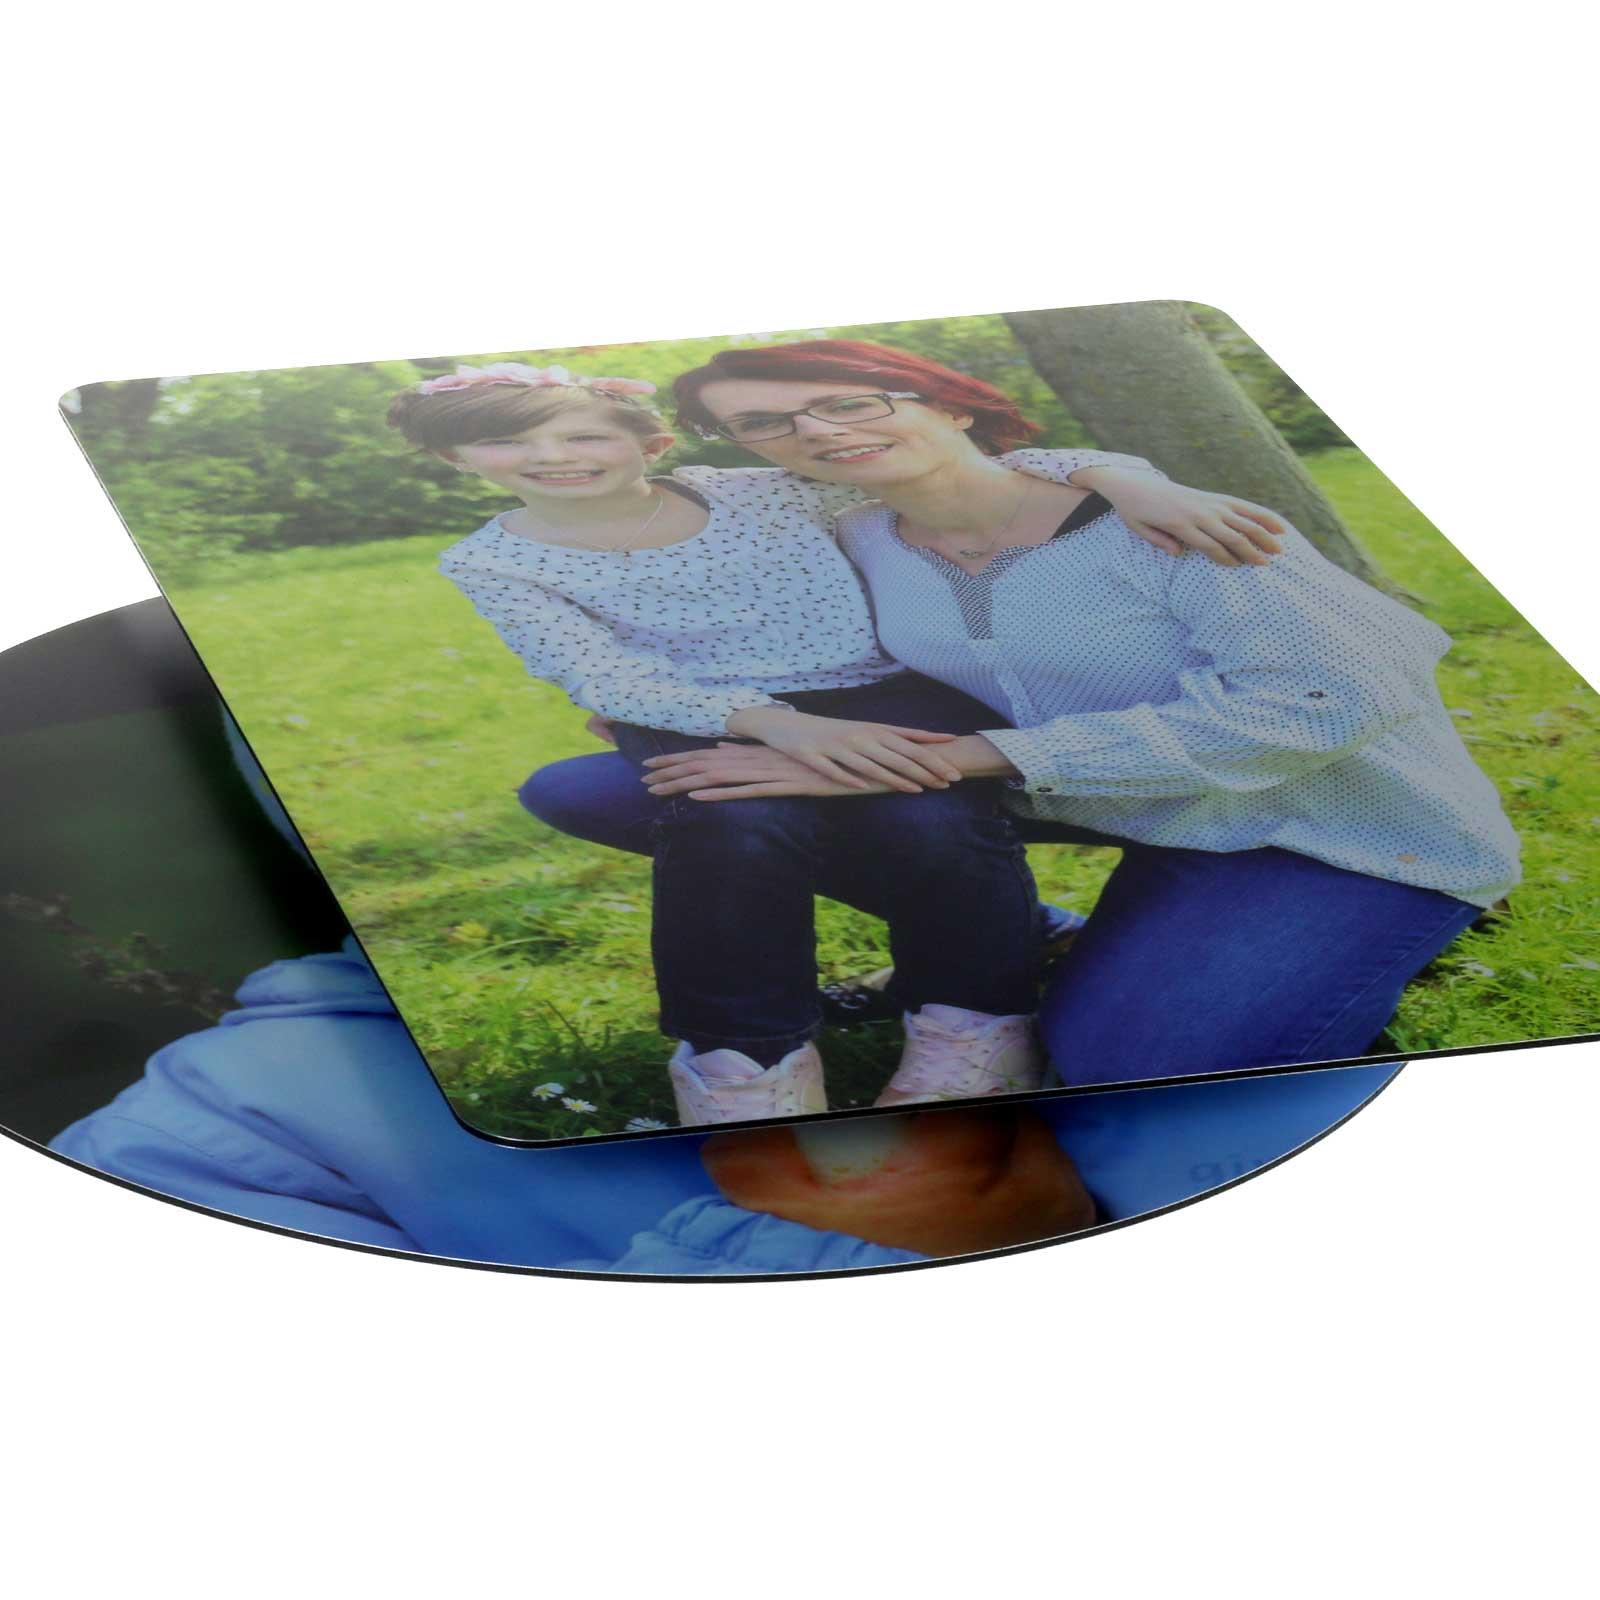 foto fotodruck auf alu verbund material mit aufh nger und haken. Black Bedroom Furniture Sets. Home Design Ideas